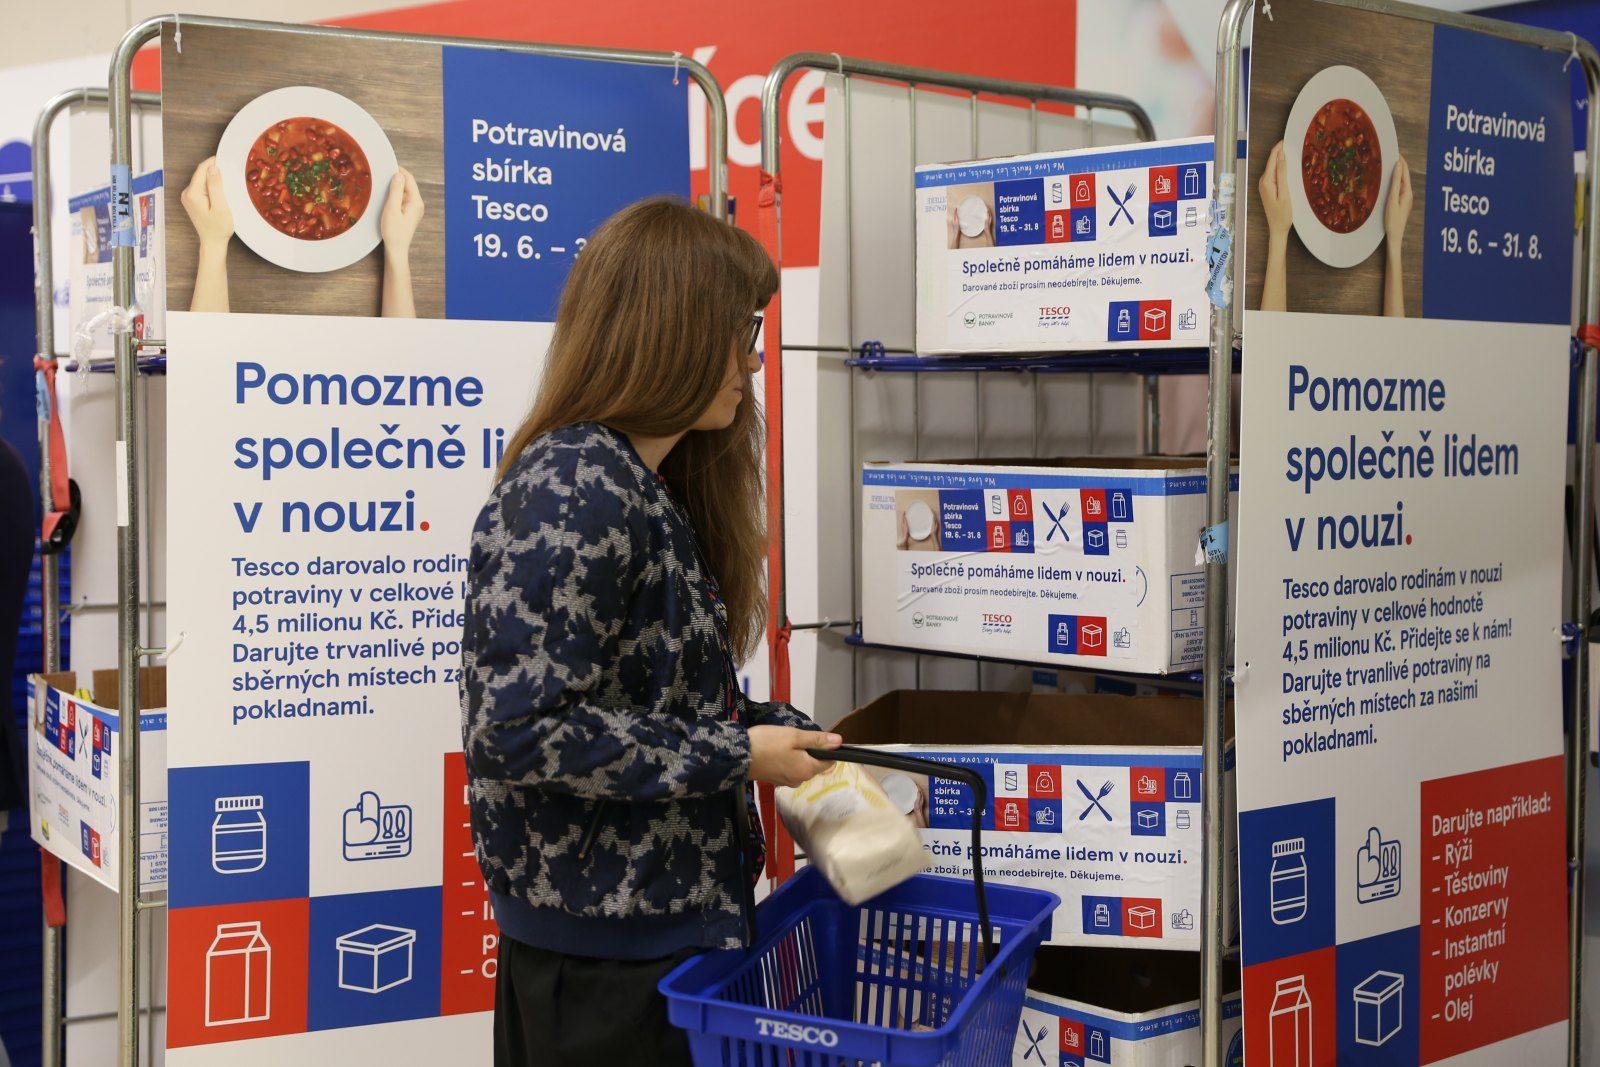 Během Letní potravinové sbírky Tesco darovali zákazníci v JMK téměř 5 000 porcí jídla